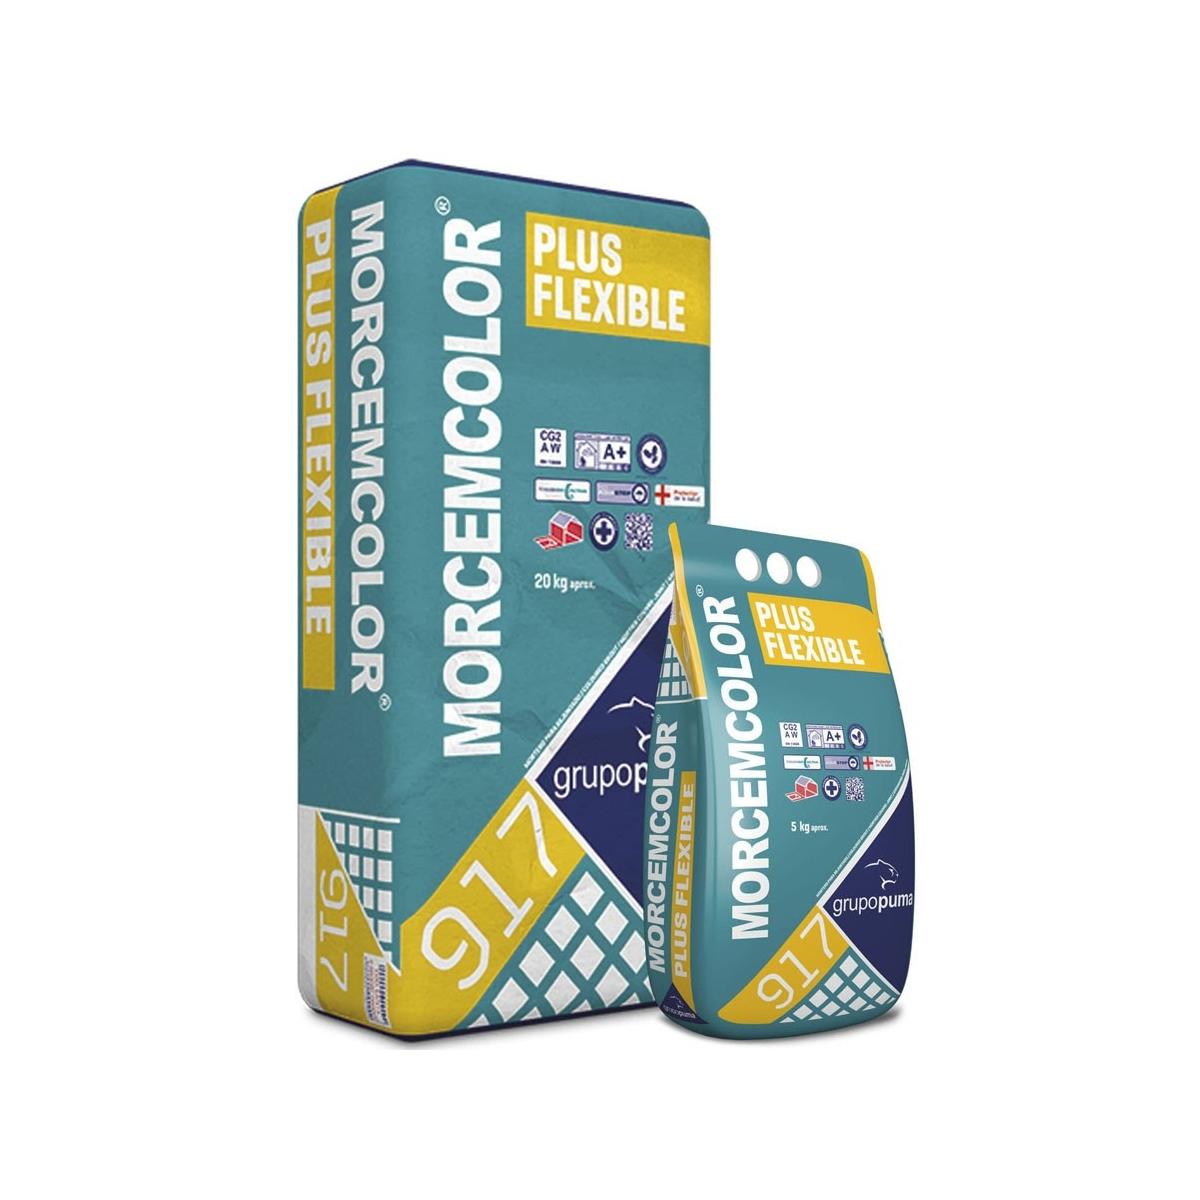 Morcemcolor® Plus Flexible blanco 20kg